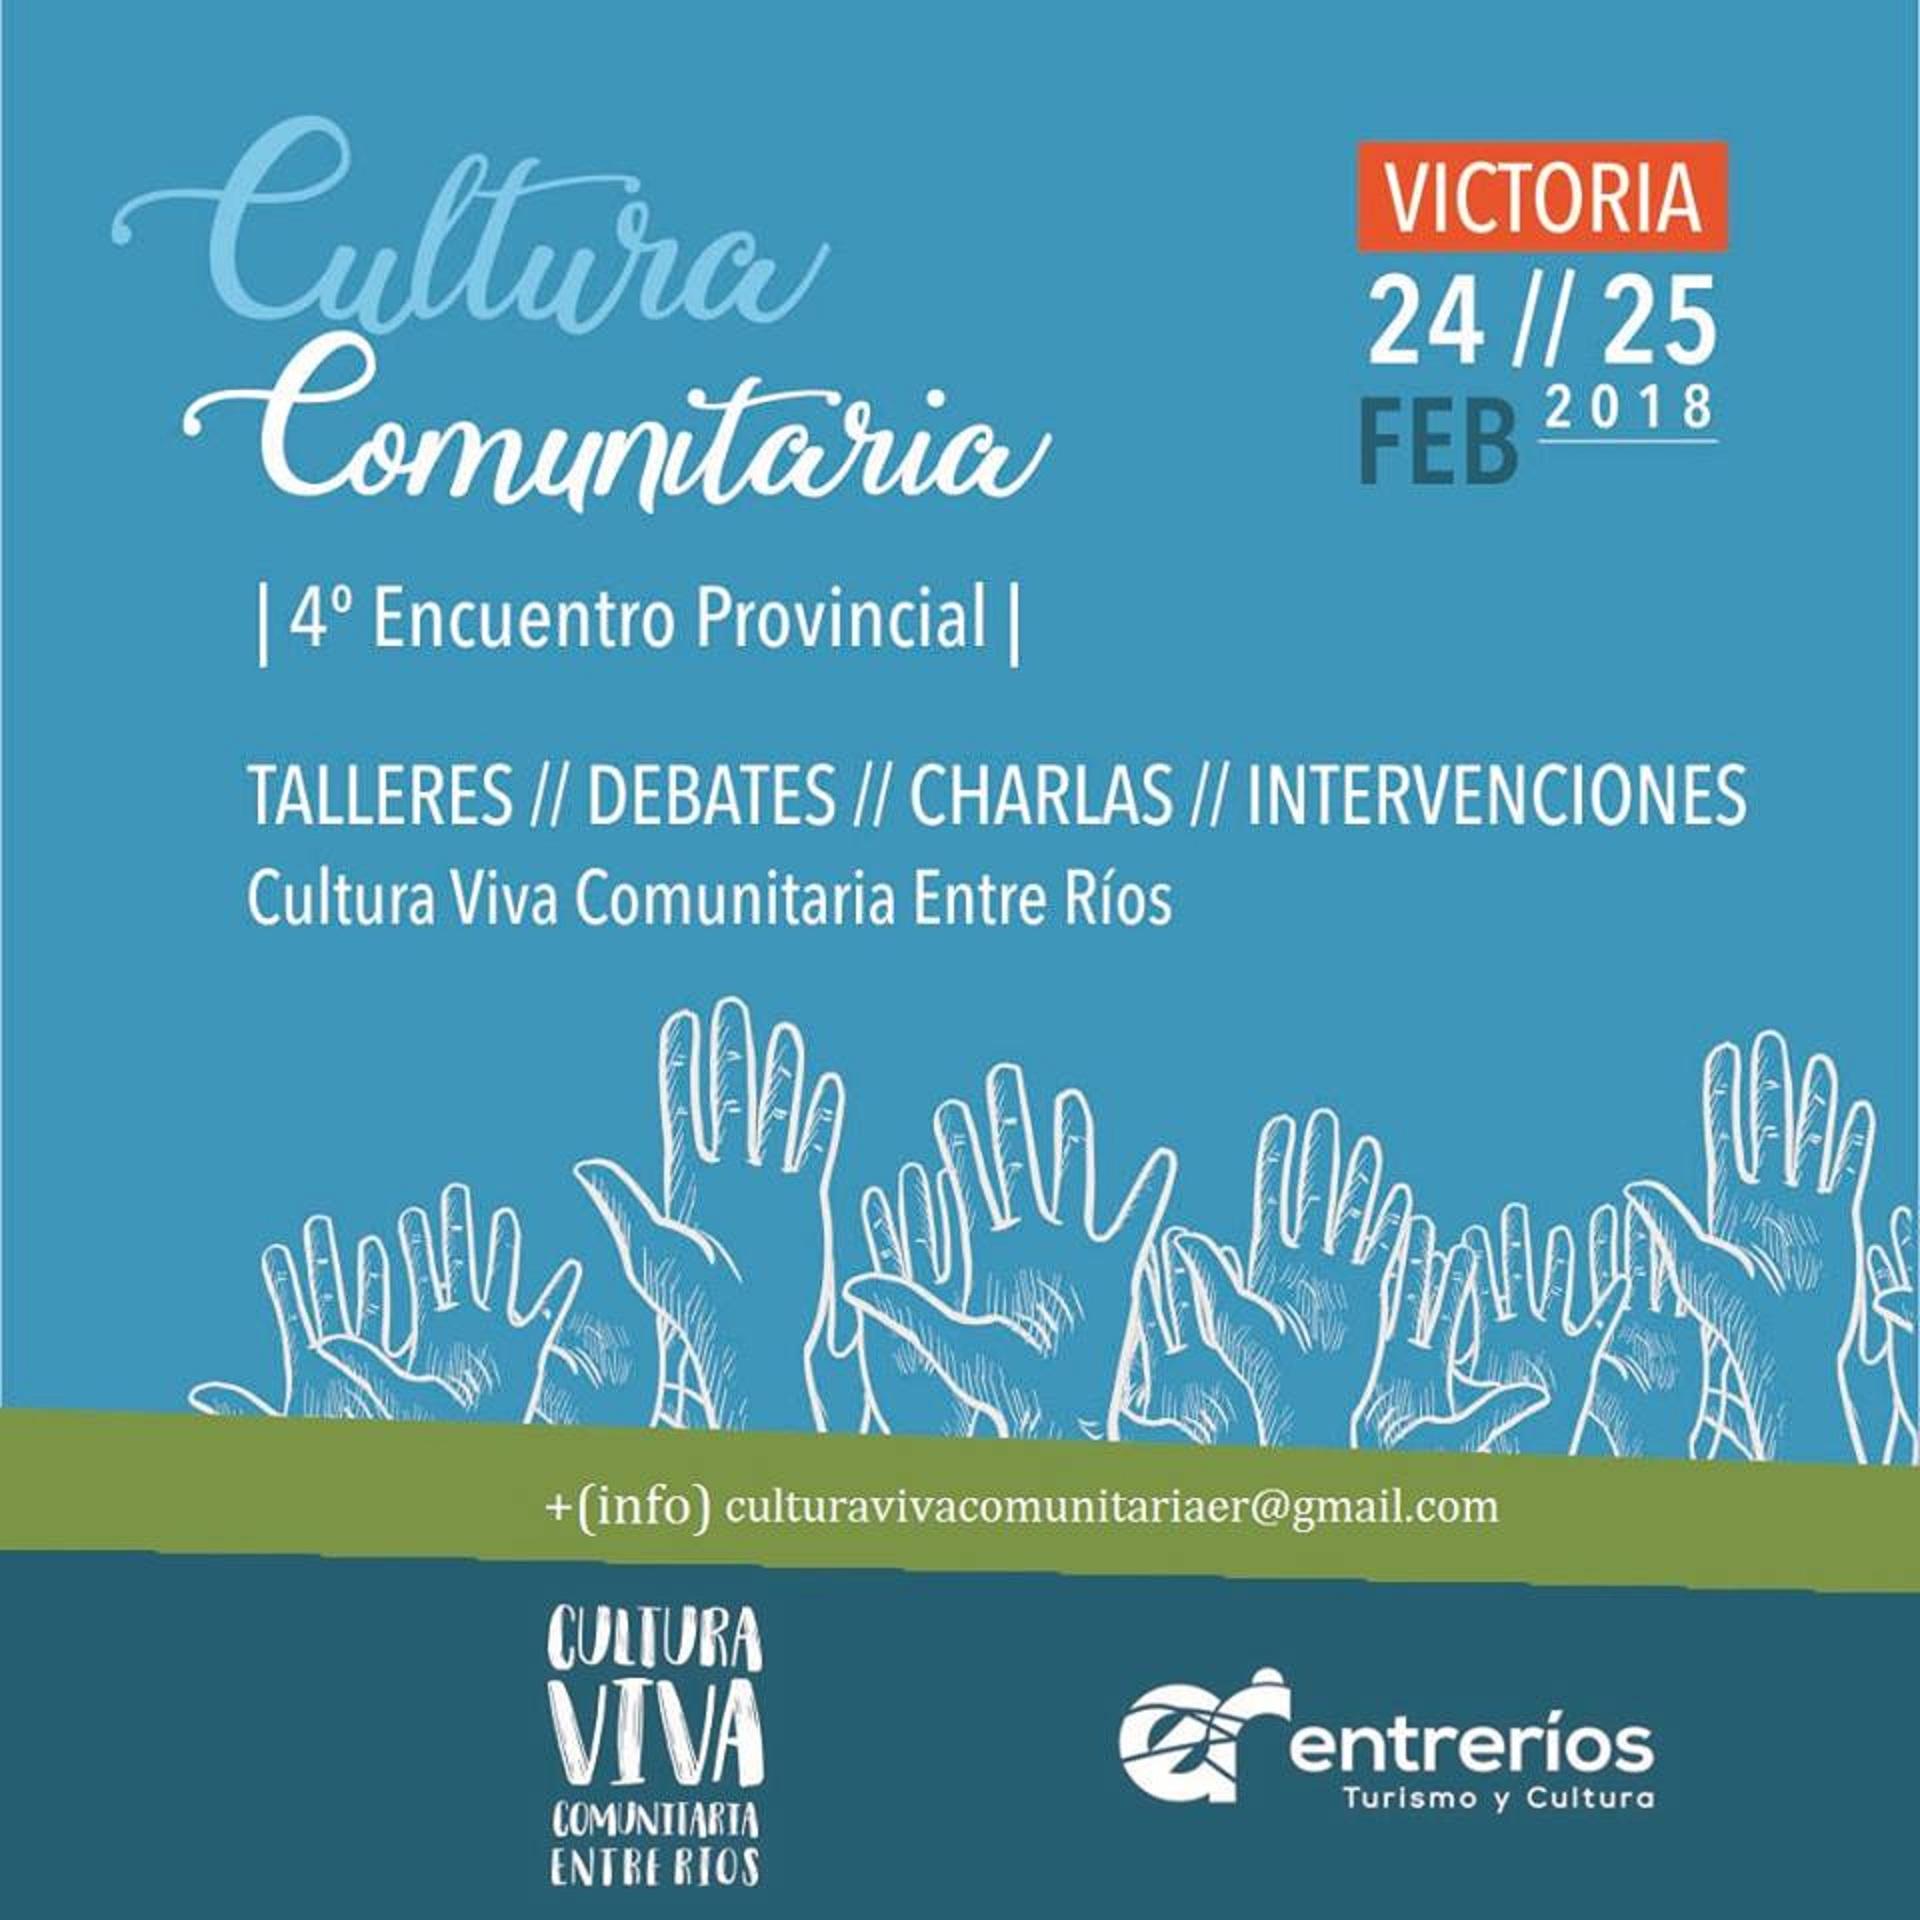 .Se realizará el 4° encuentro de Cultura Viva Comunitaria de Entre Ríos en la ciudad de Victoria.